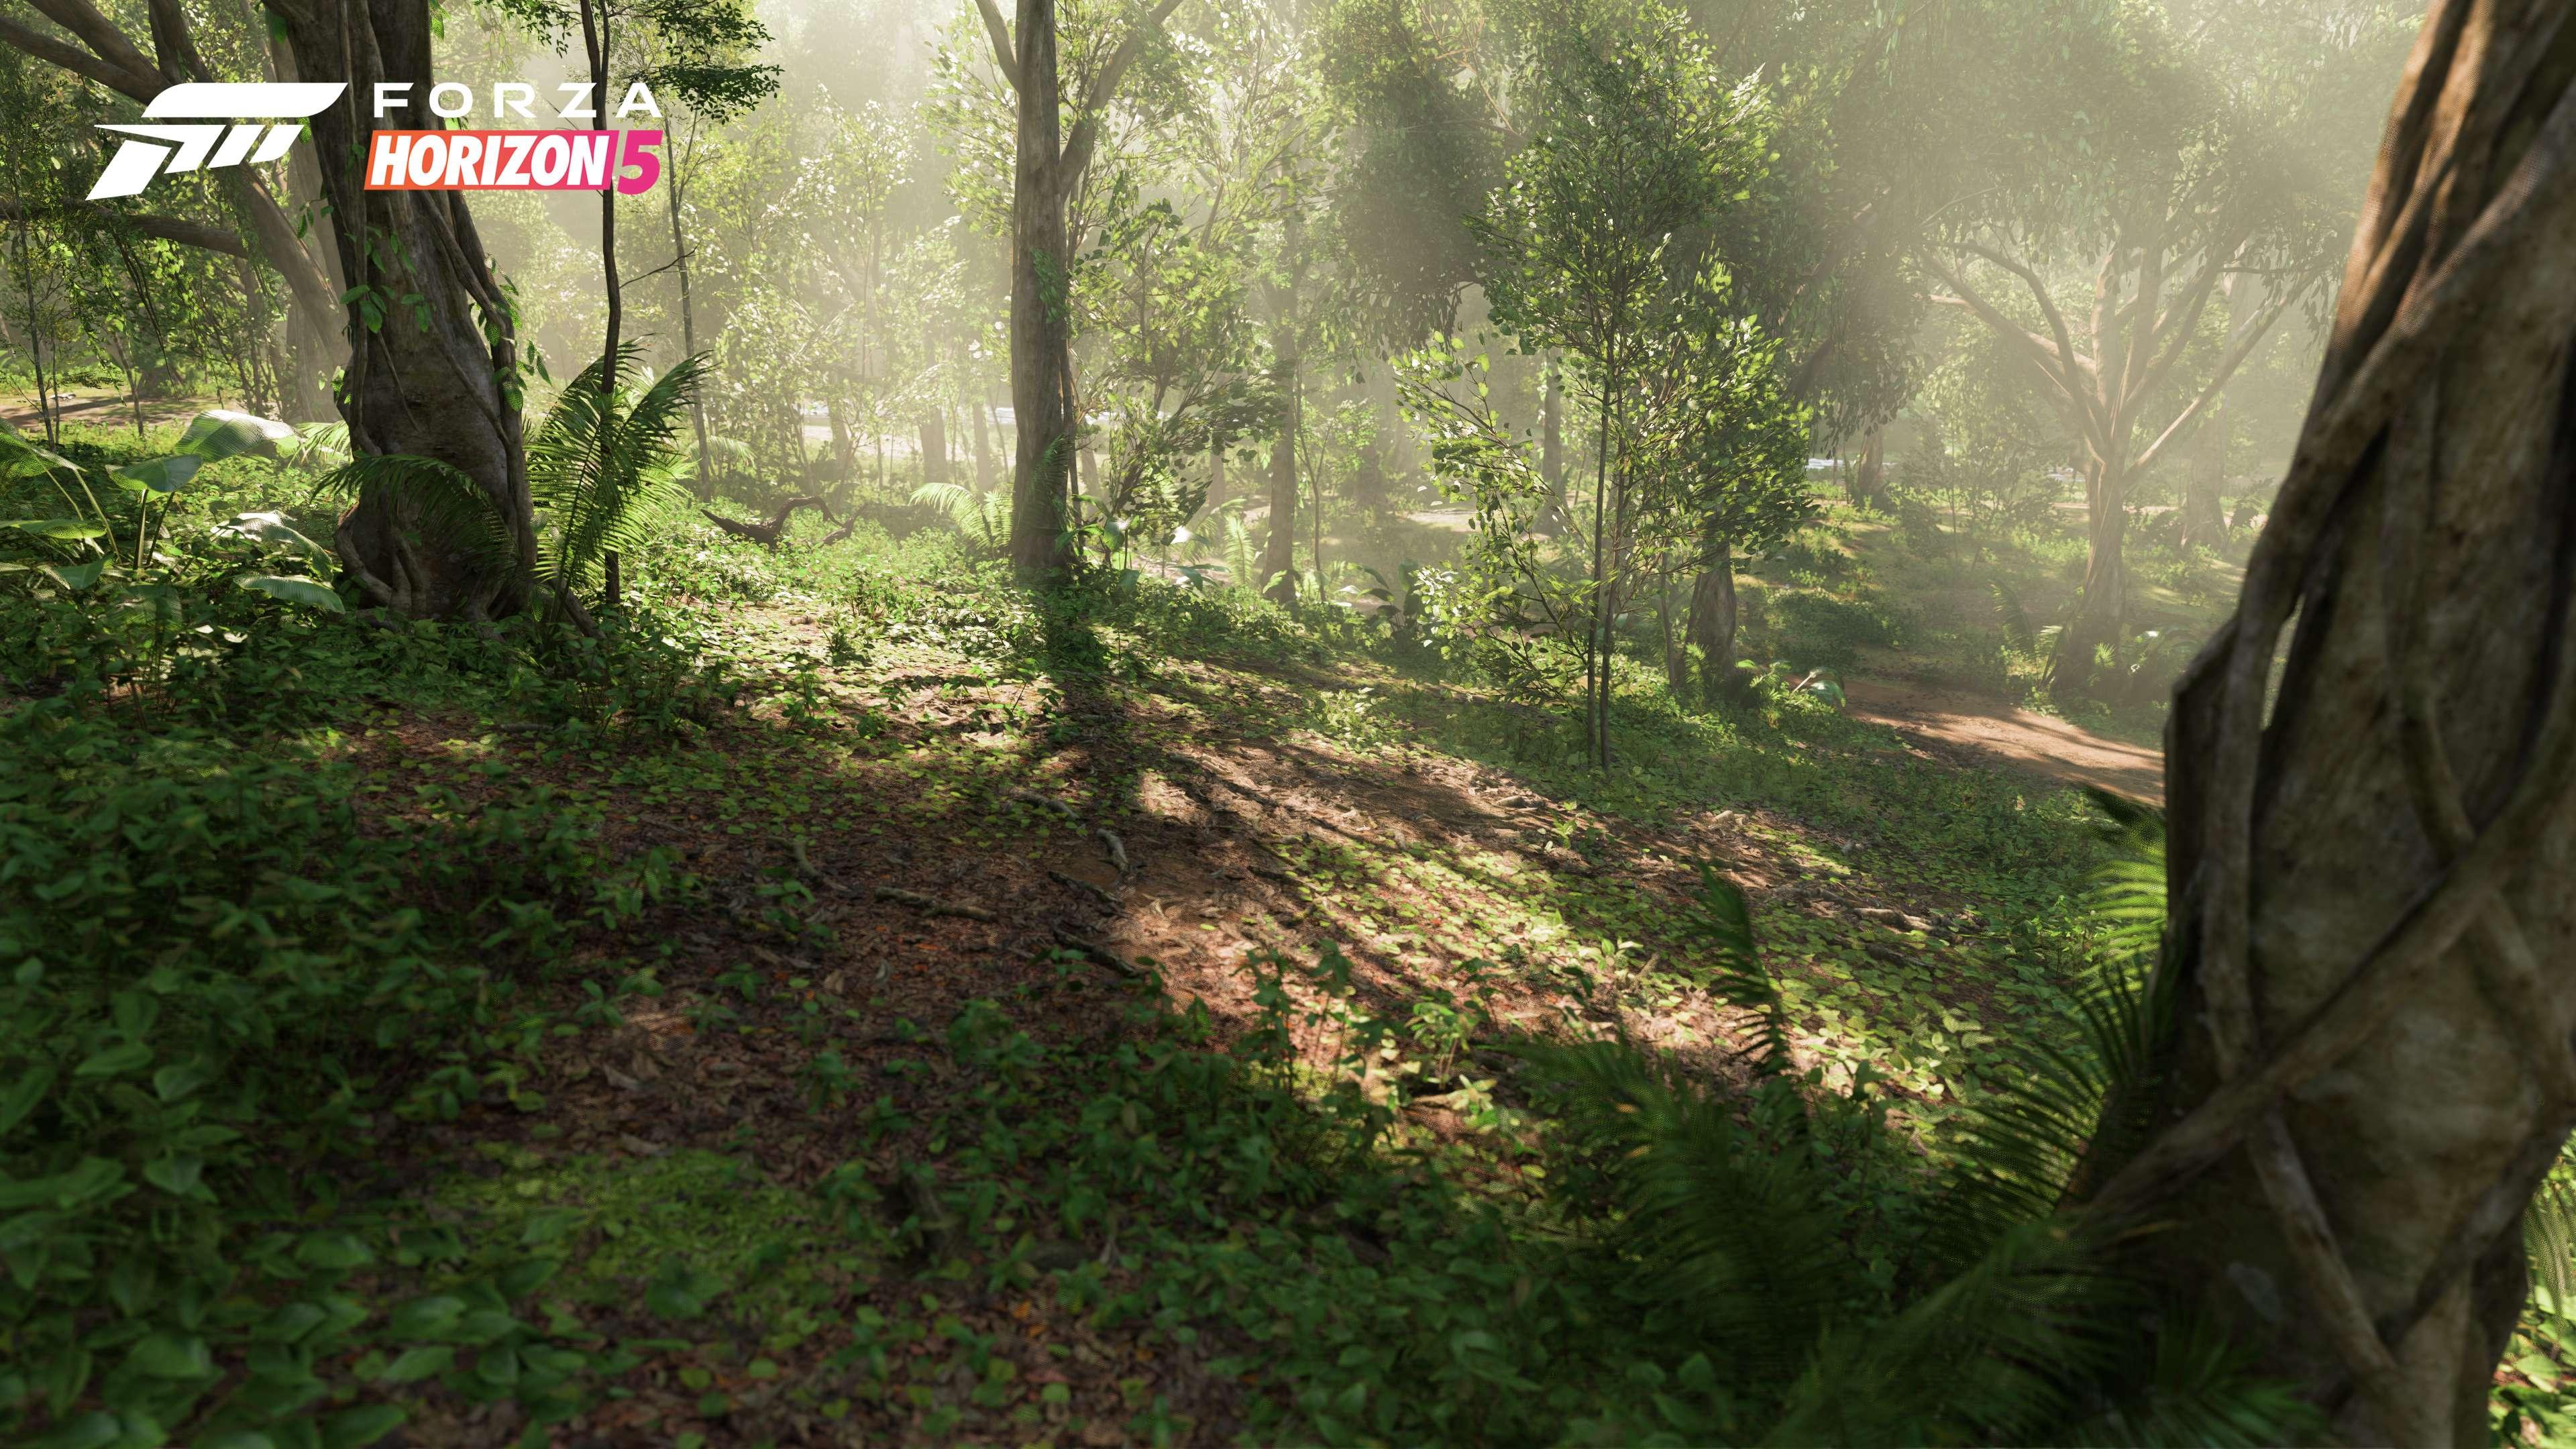 Forza Horizon 5 Jungle